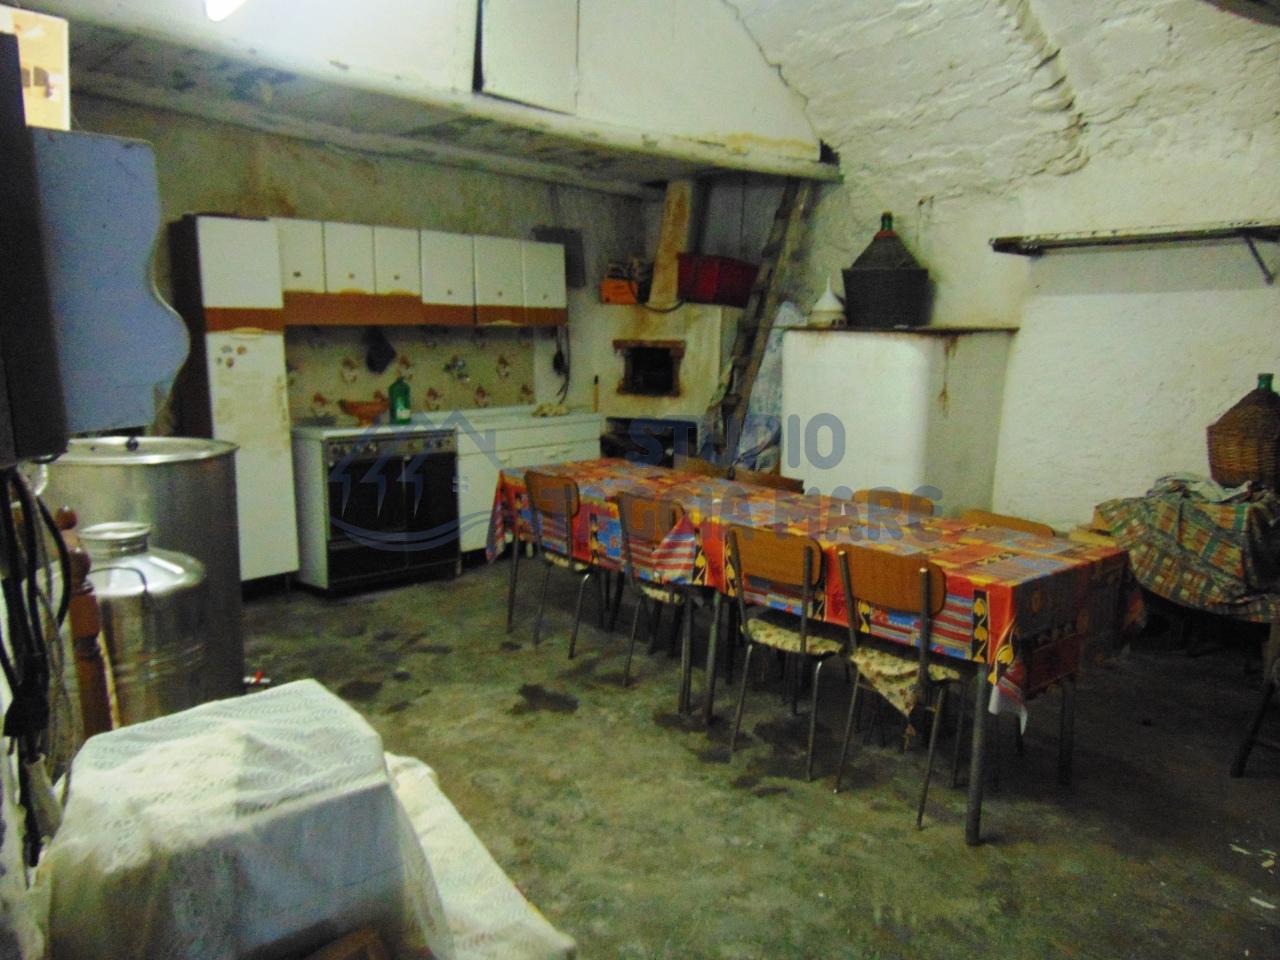 Appartamento in vendita a Taggia, 1 locali, prezzo € 20.000 | CambioCasa.it